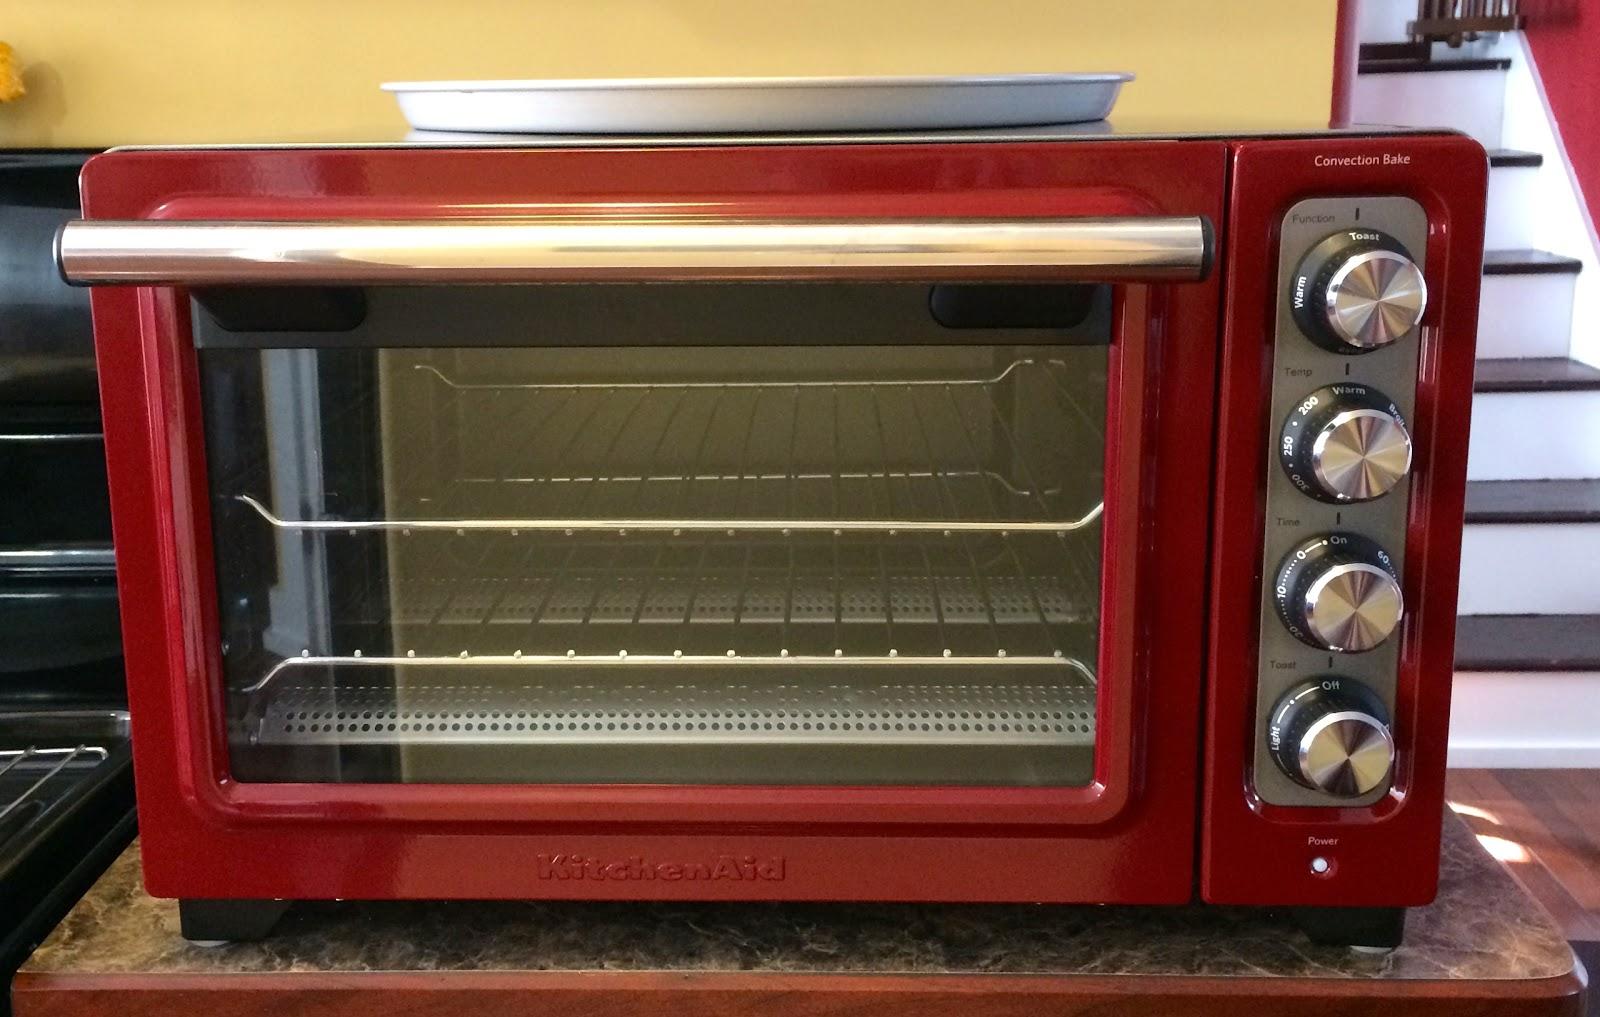 Attirant KitchenAid Countertop Convection Oven Save